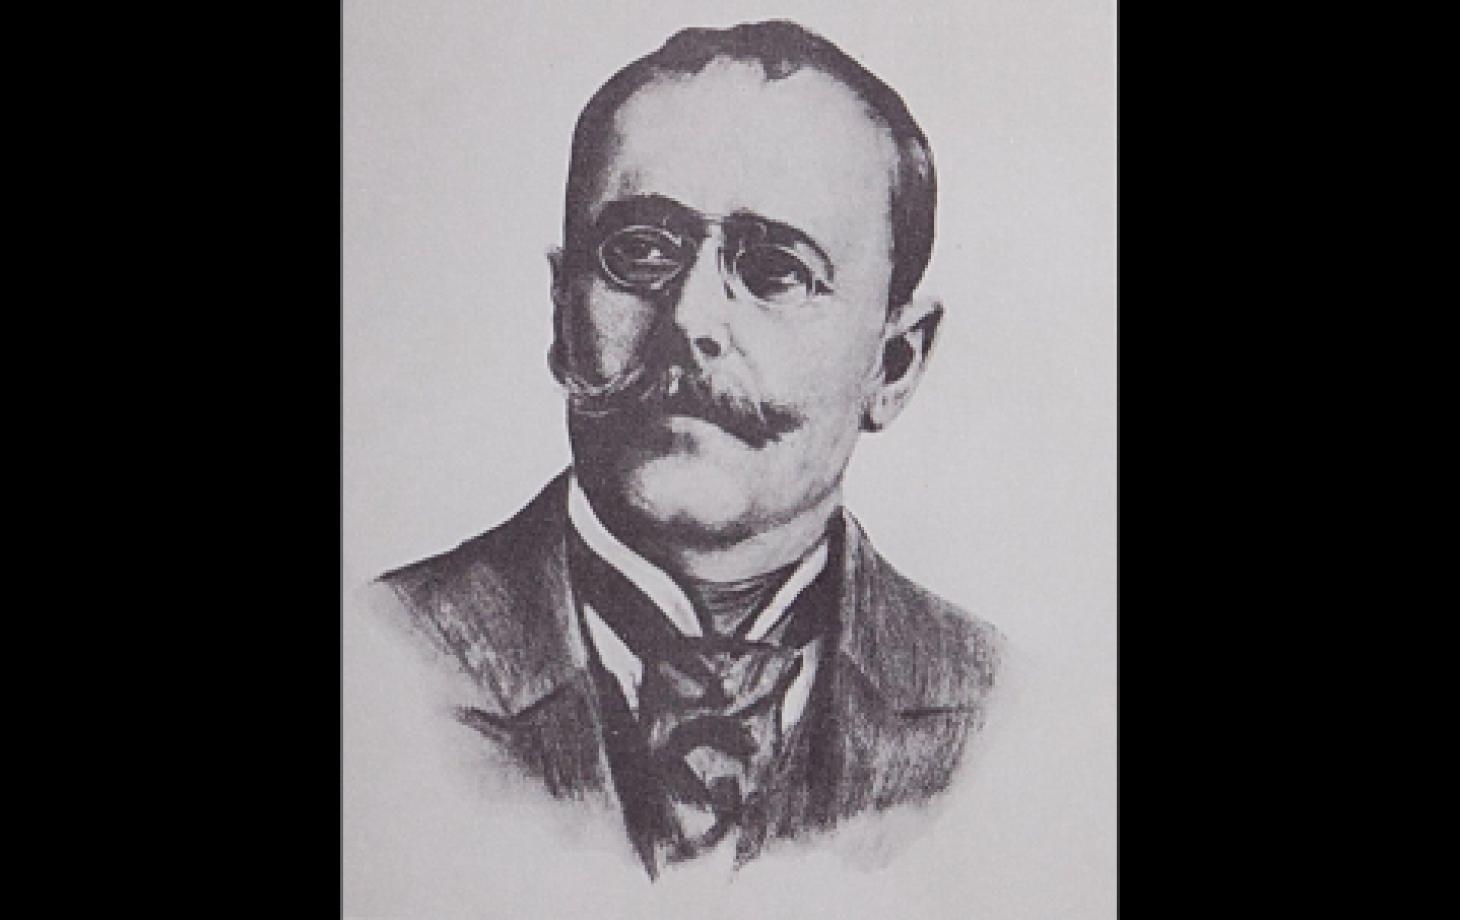 Ион Лука Караджале